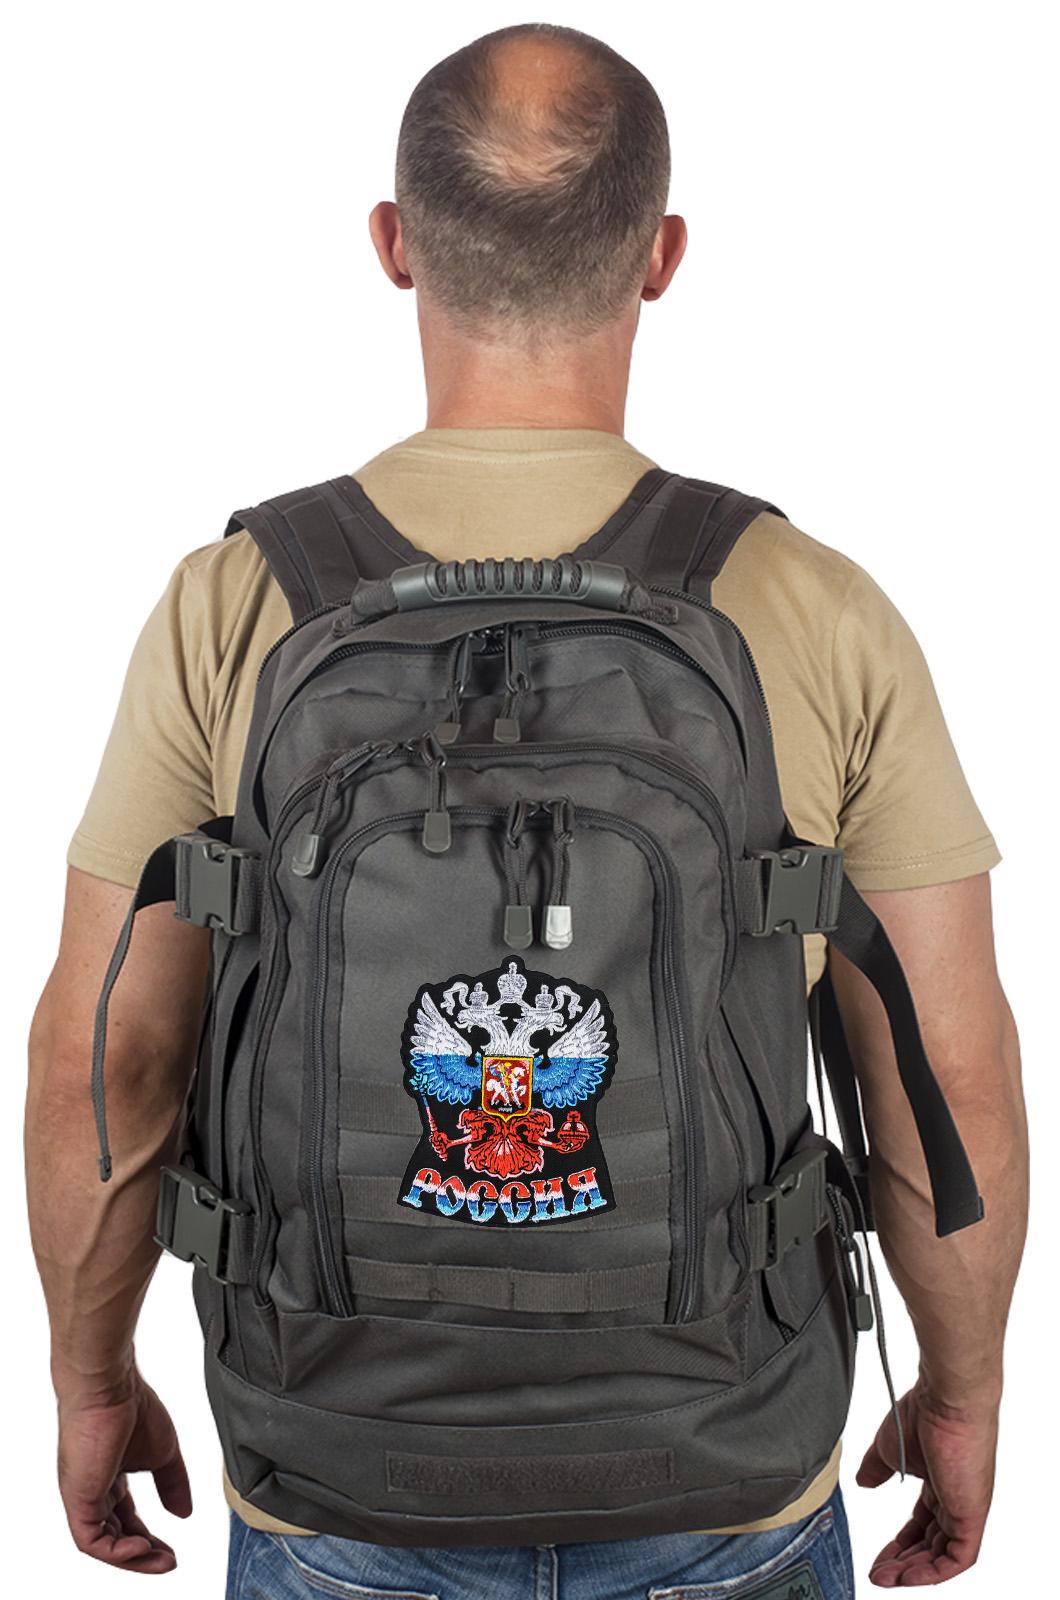 Повседневные мужские рюкзаки – супер цена и премиум качество